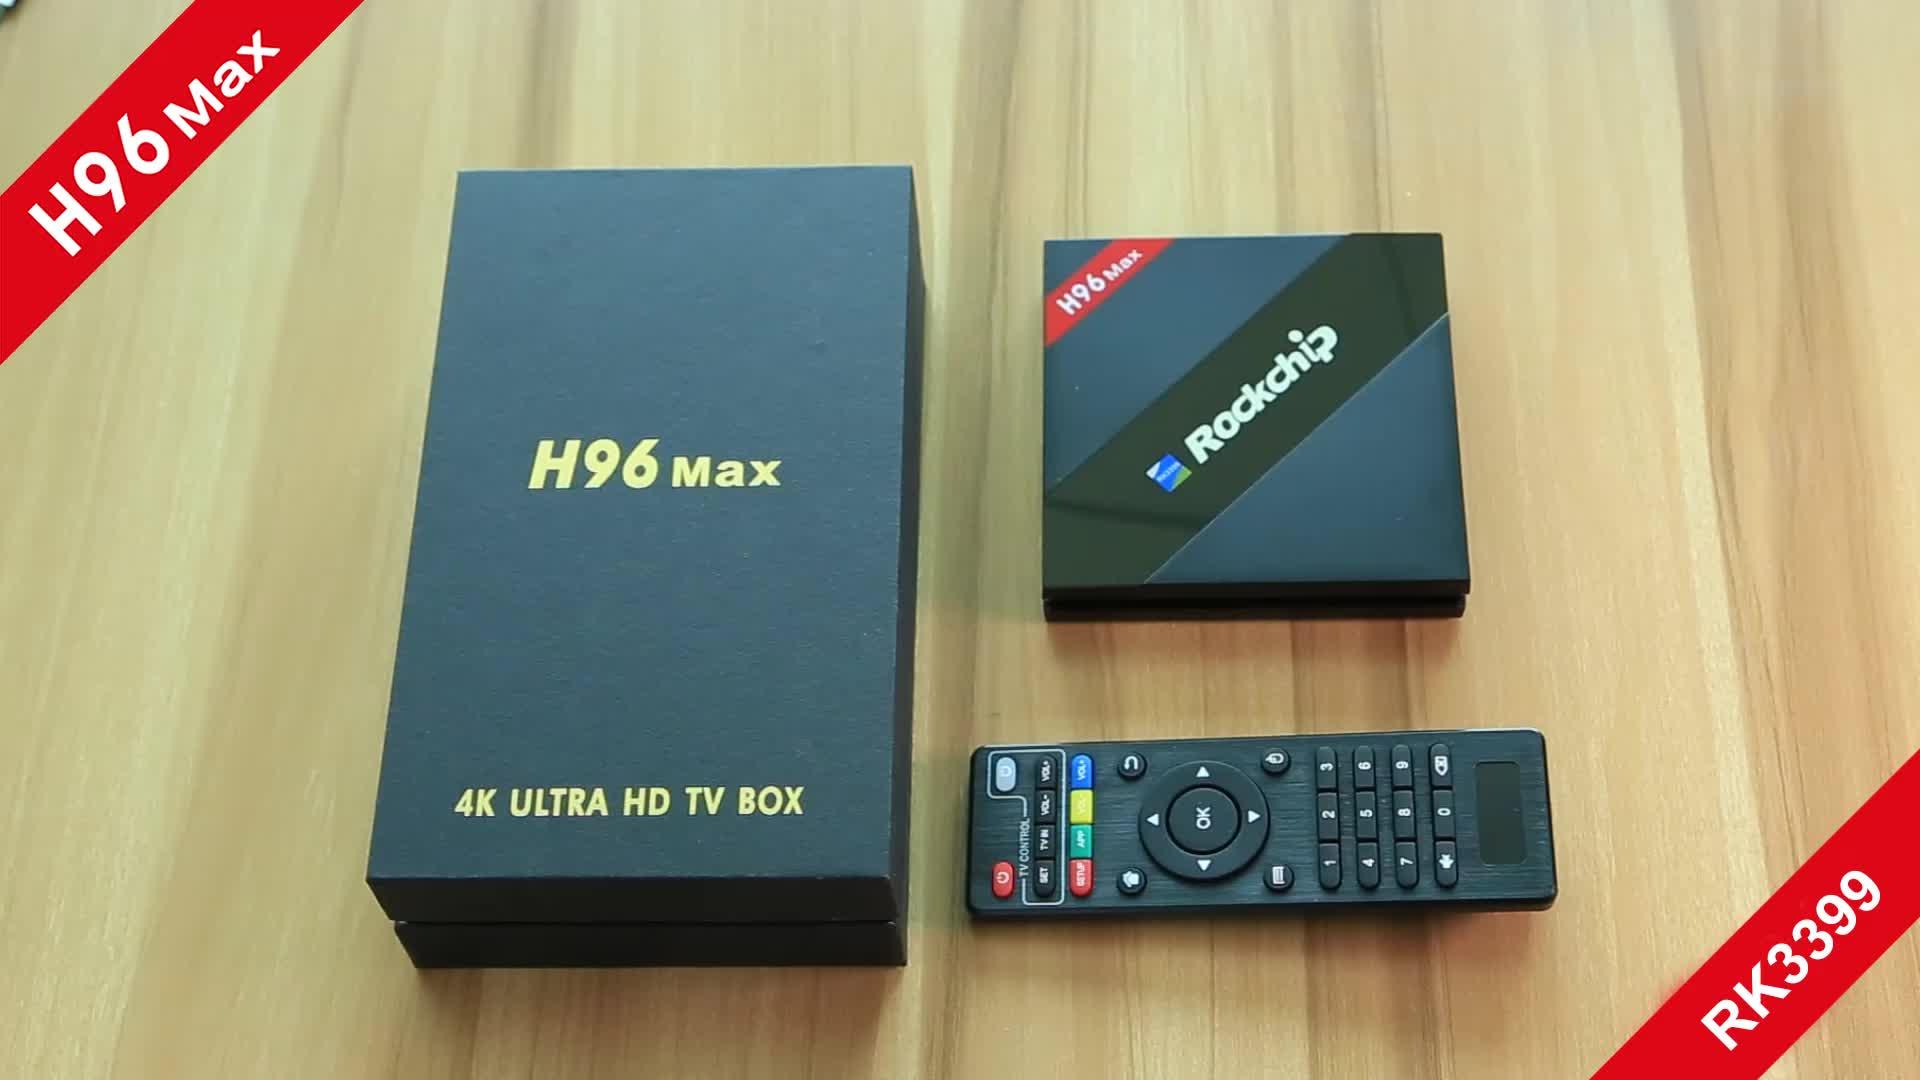 2017 best H96 Max rk3399 4gb ram 32gb rom codi android 4k hd smart tv box